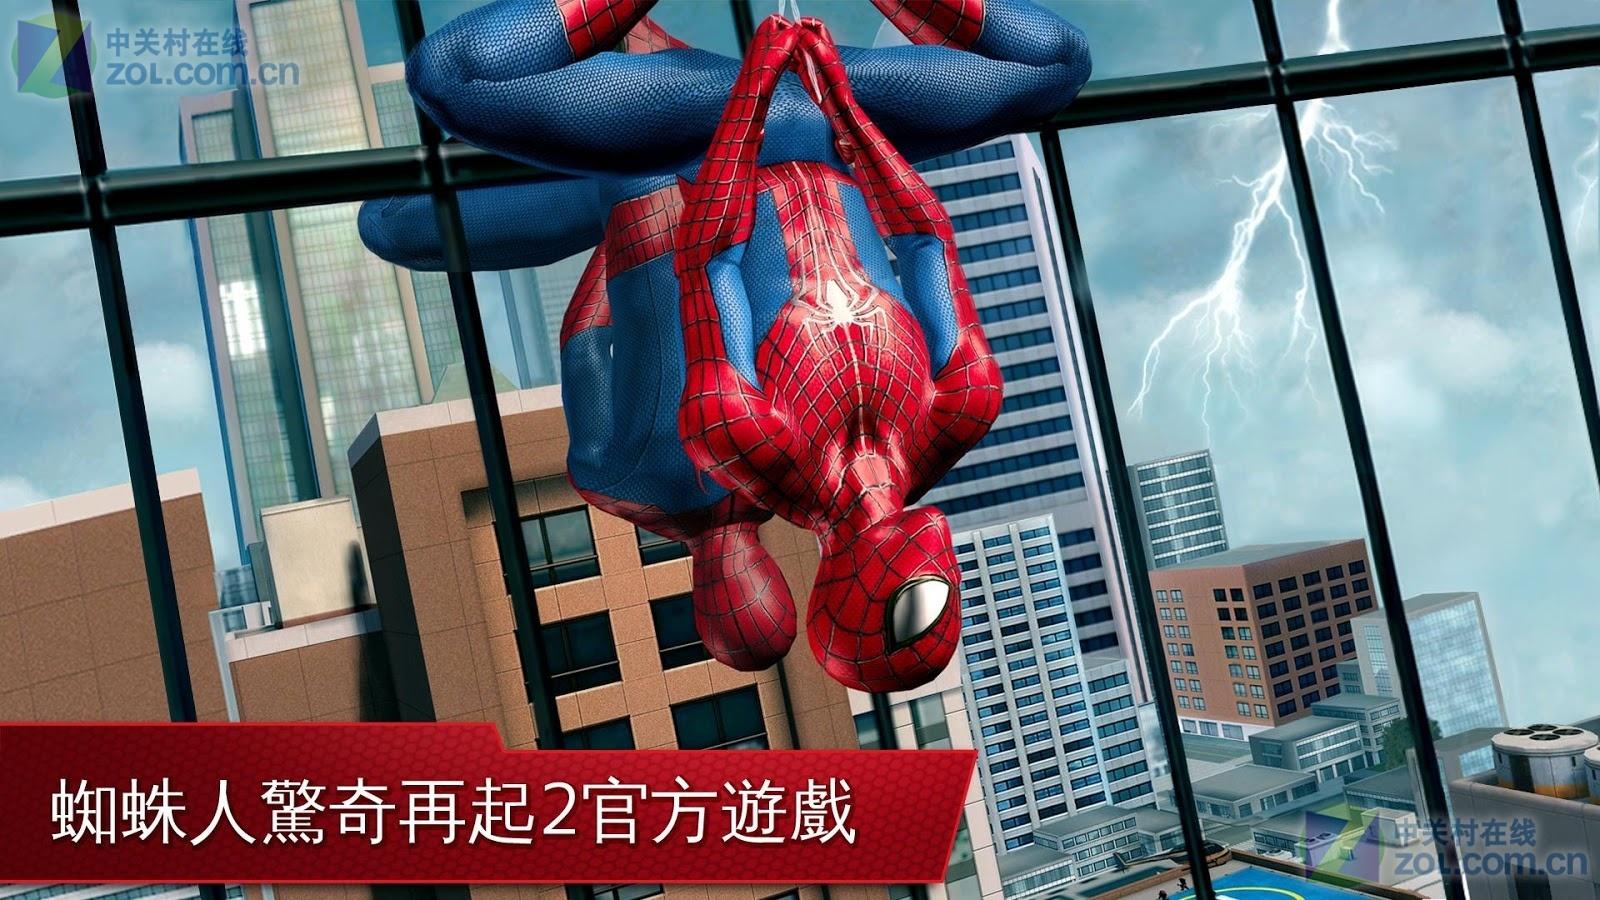 無敵:超凡蜘蛛俠2破解版下載